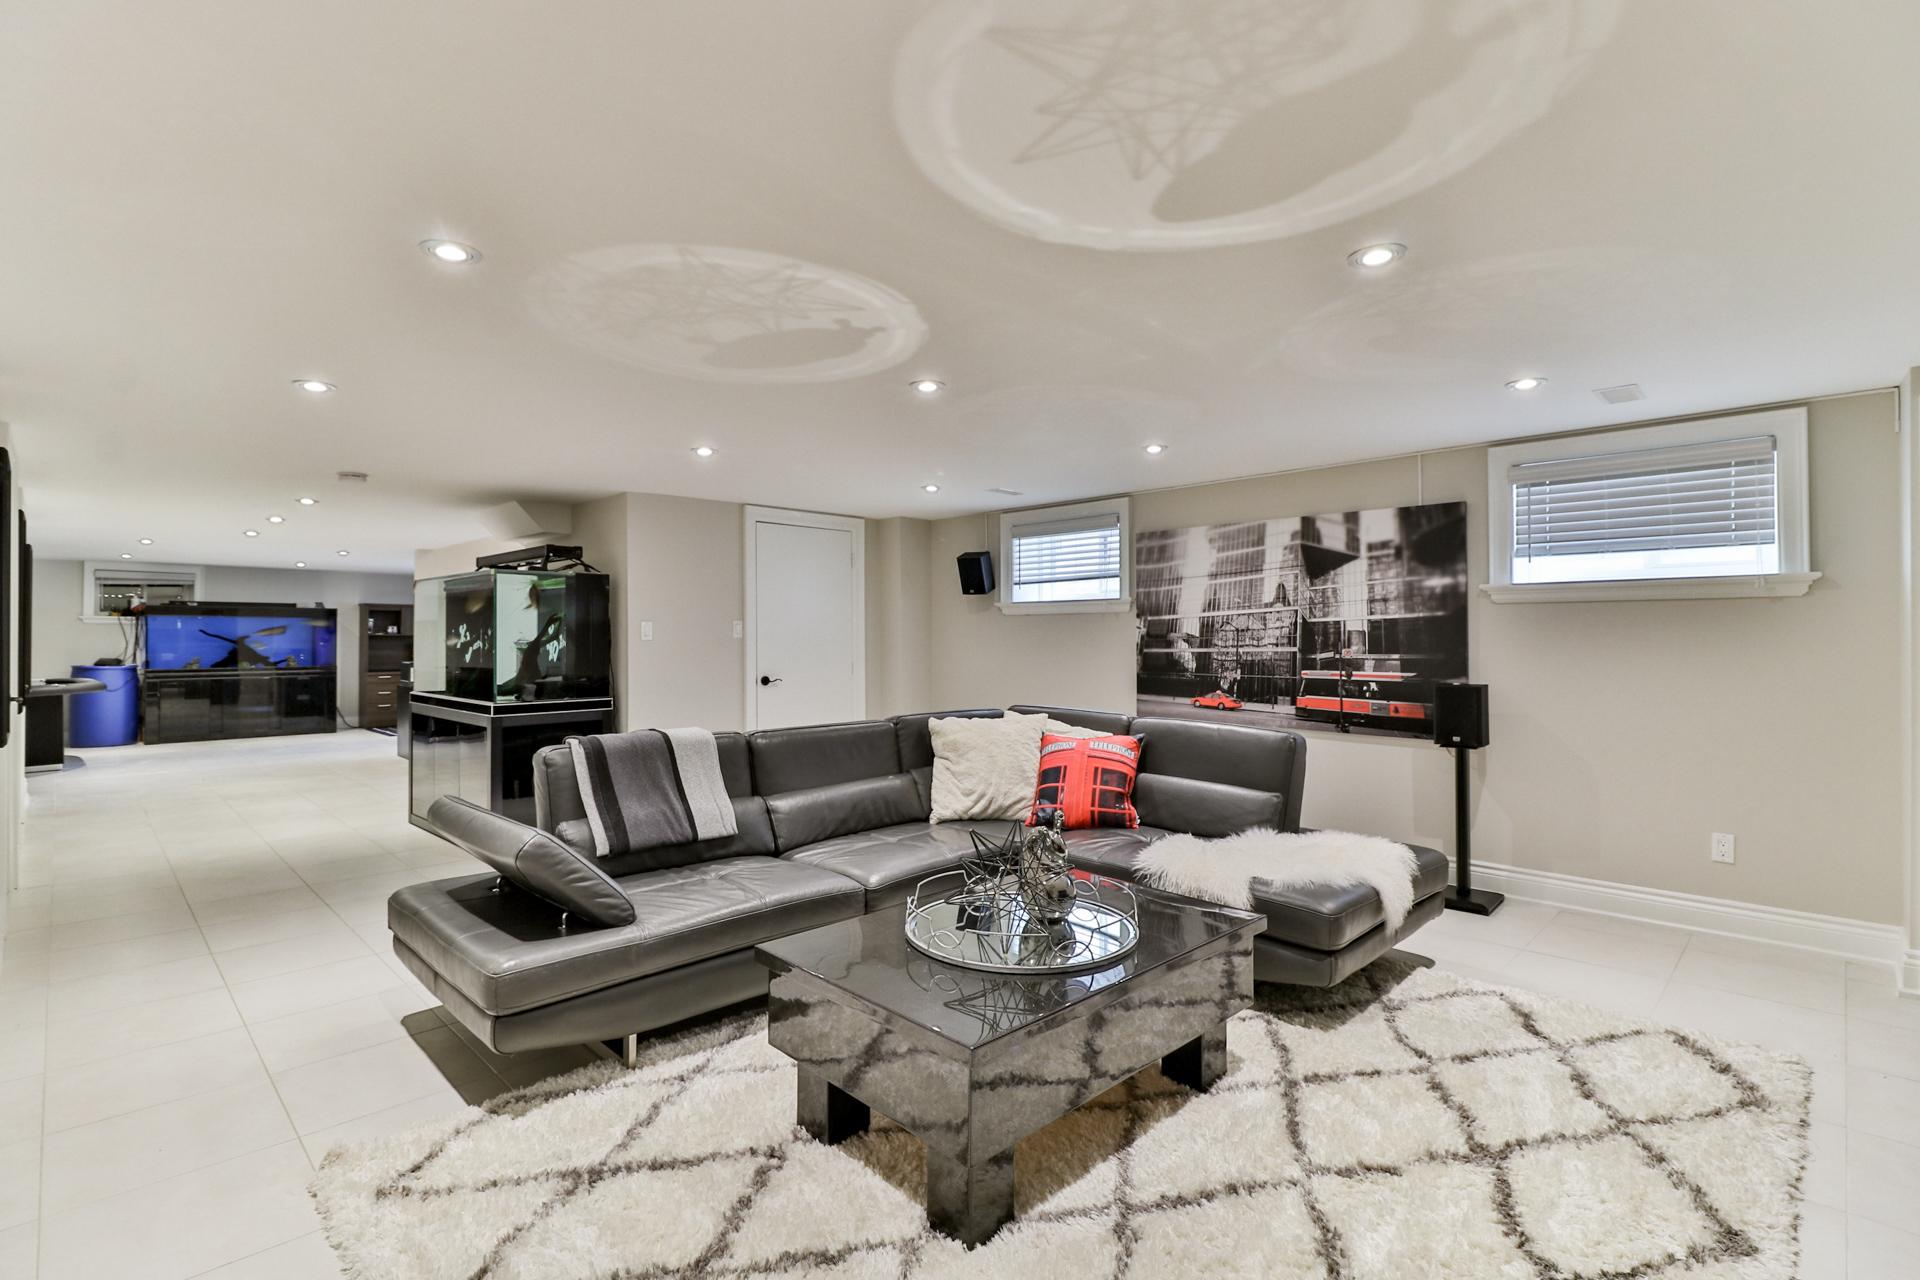 Basement Living Room, 149 Shaver, Etobicoke Home Staging